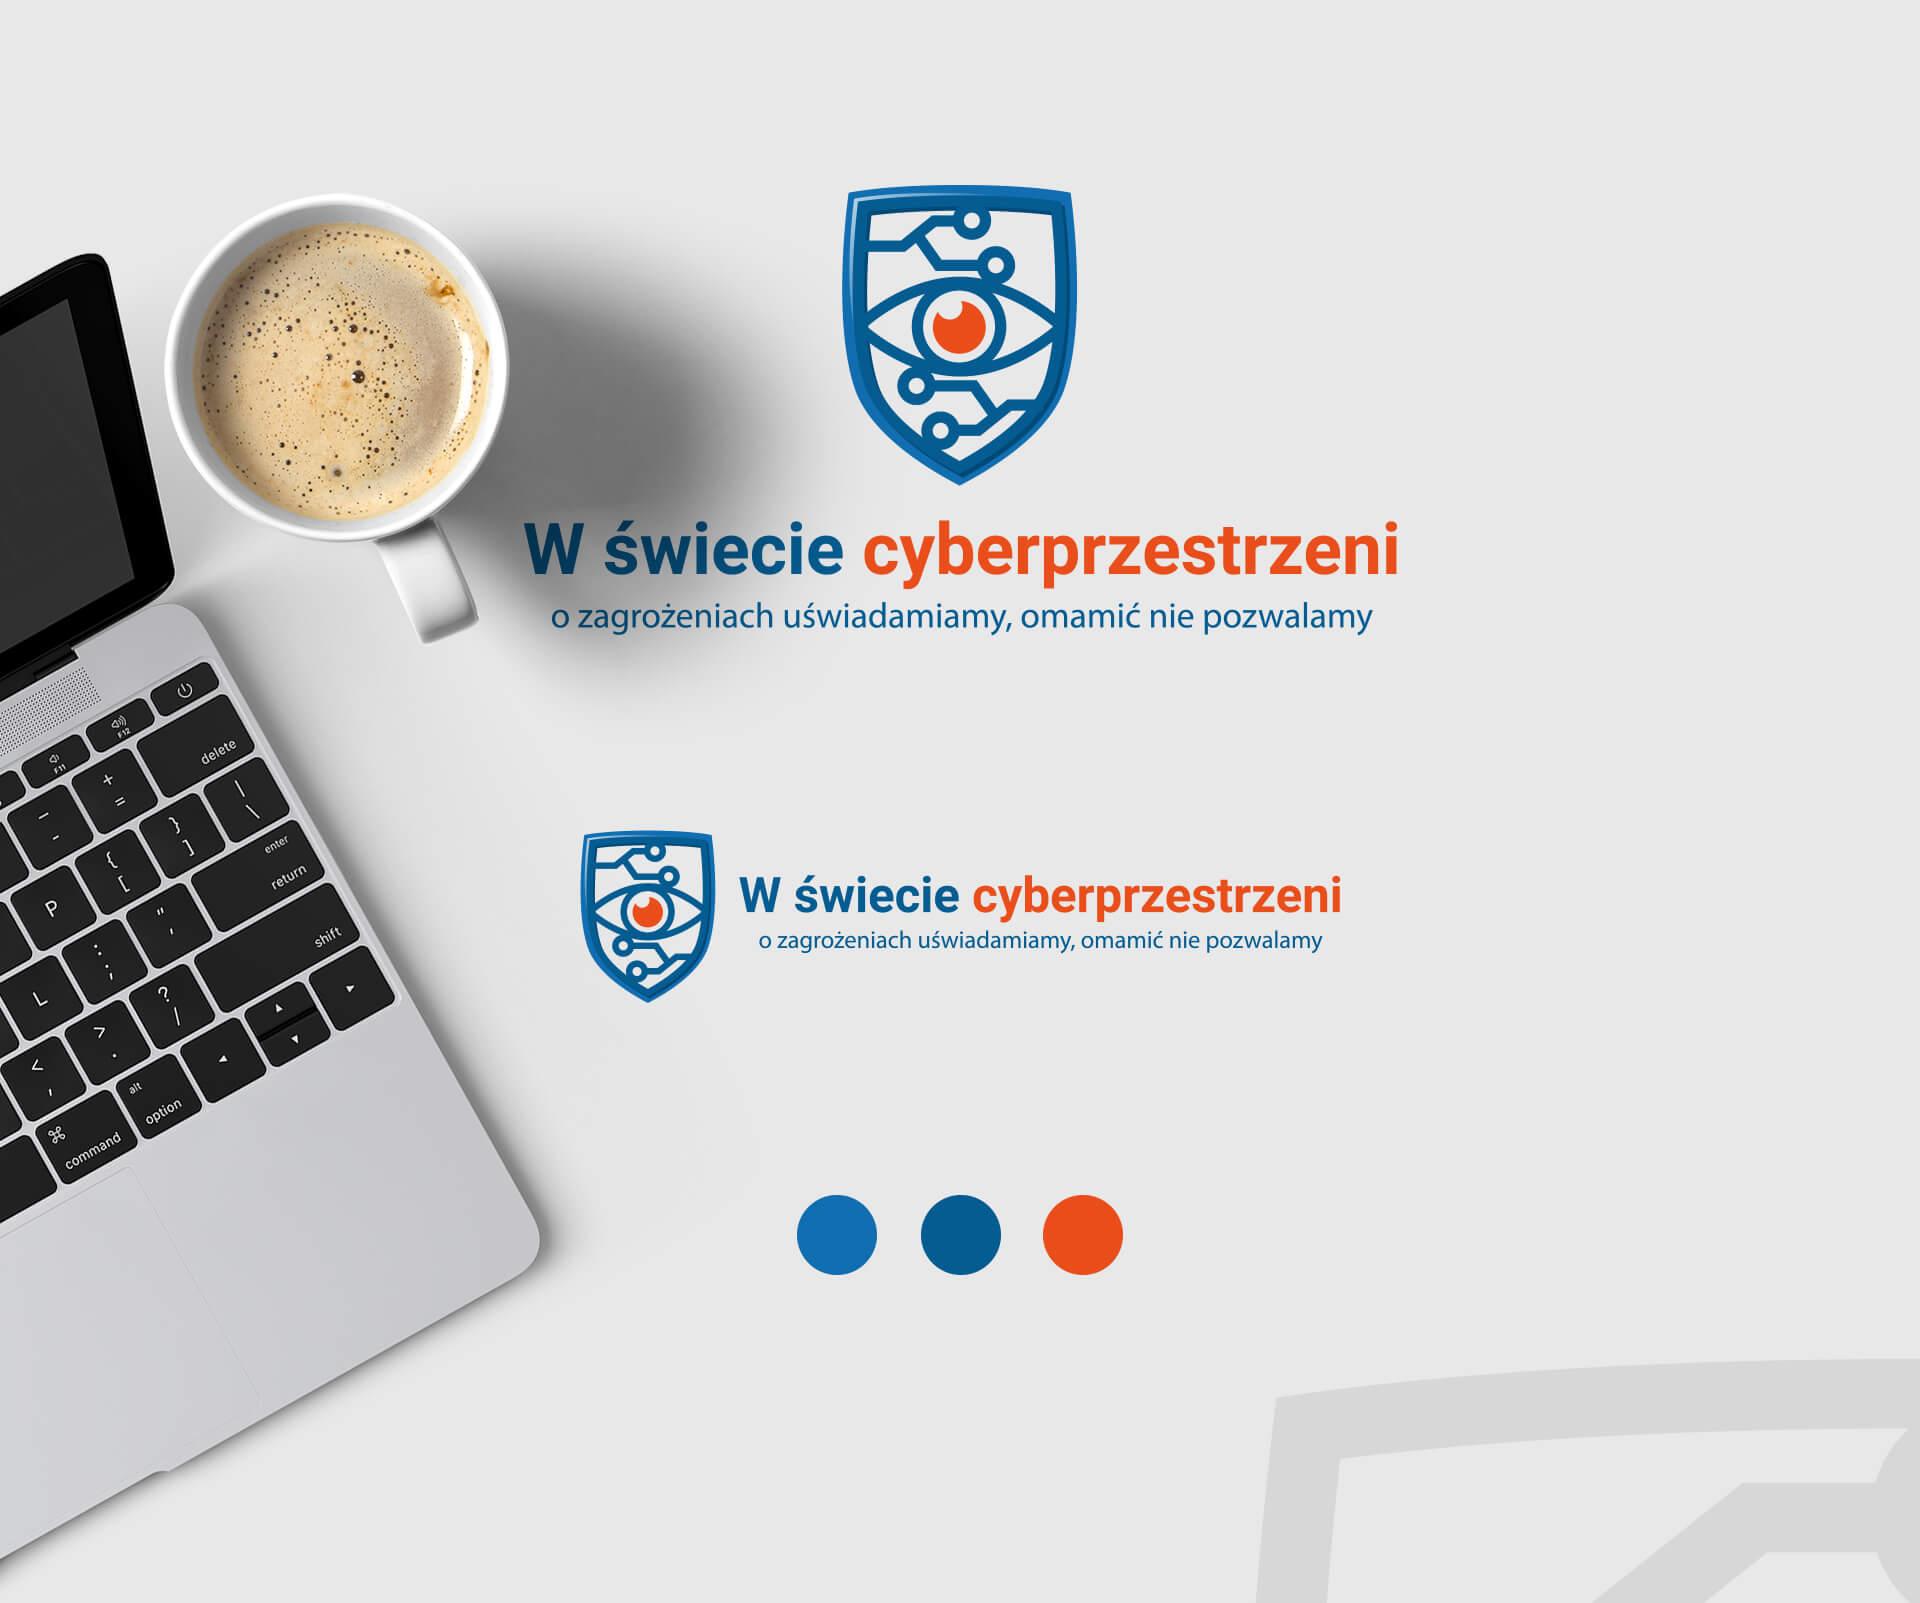 w świecie cyberprzestrzeni identyfikacja